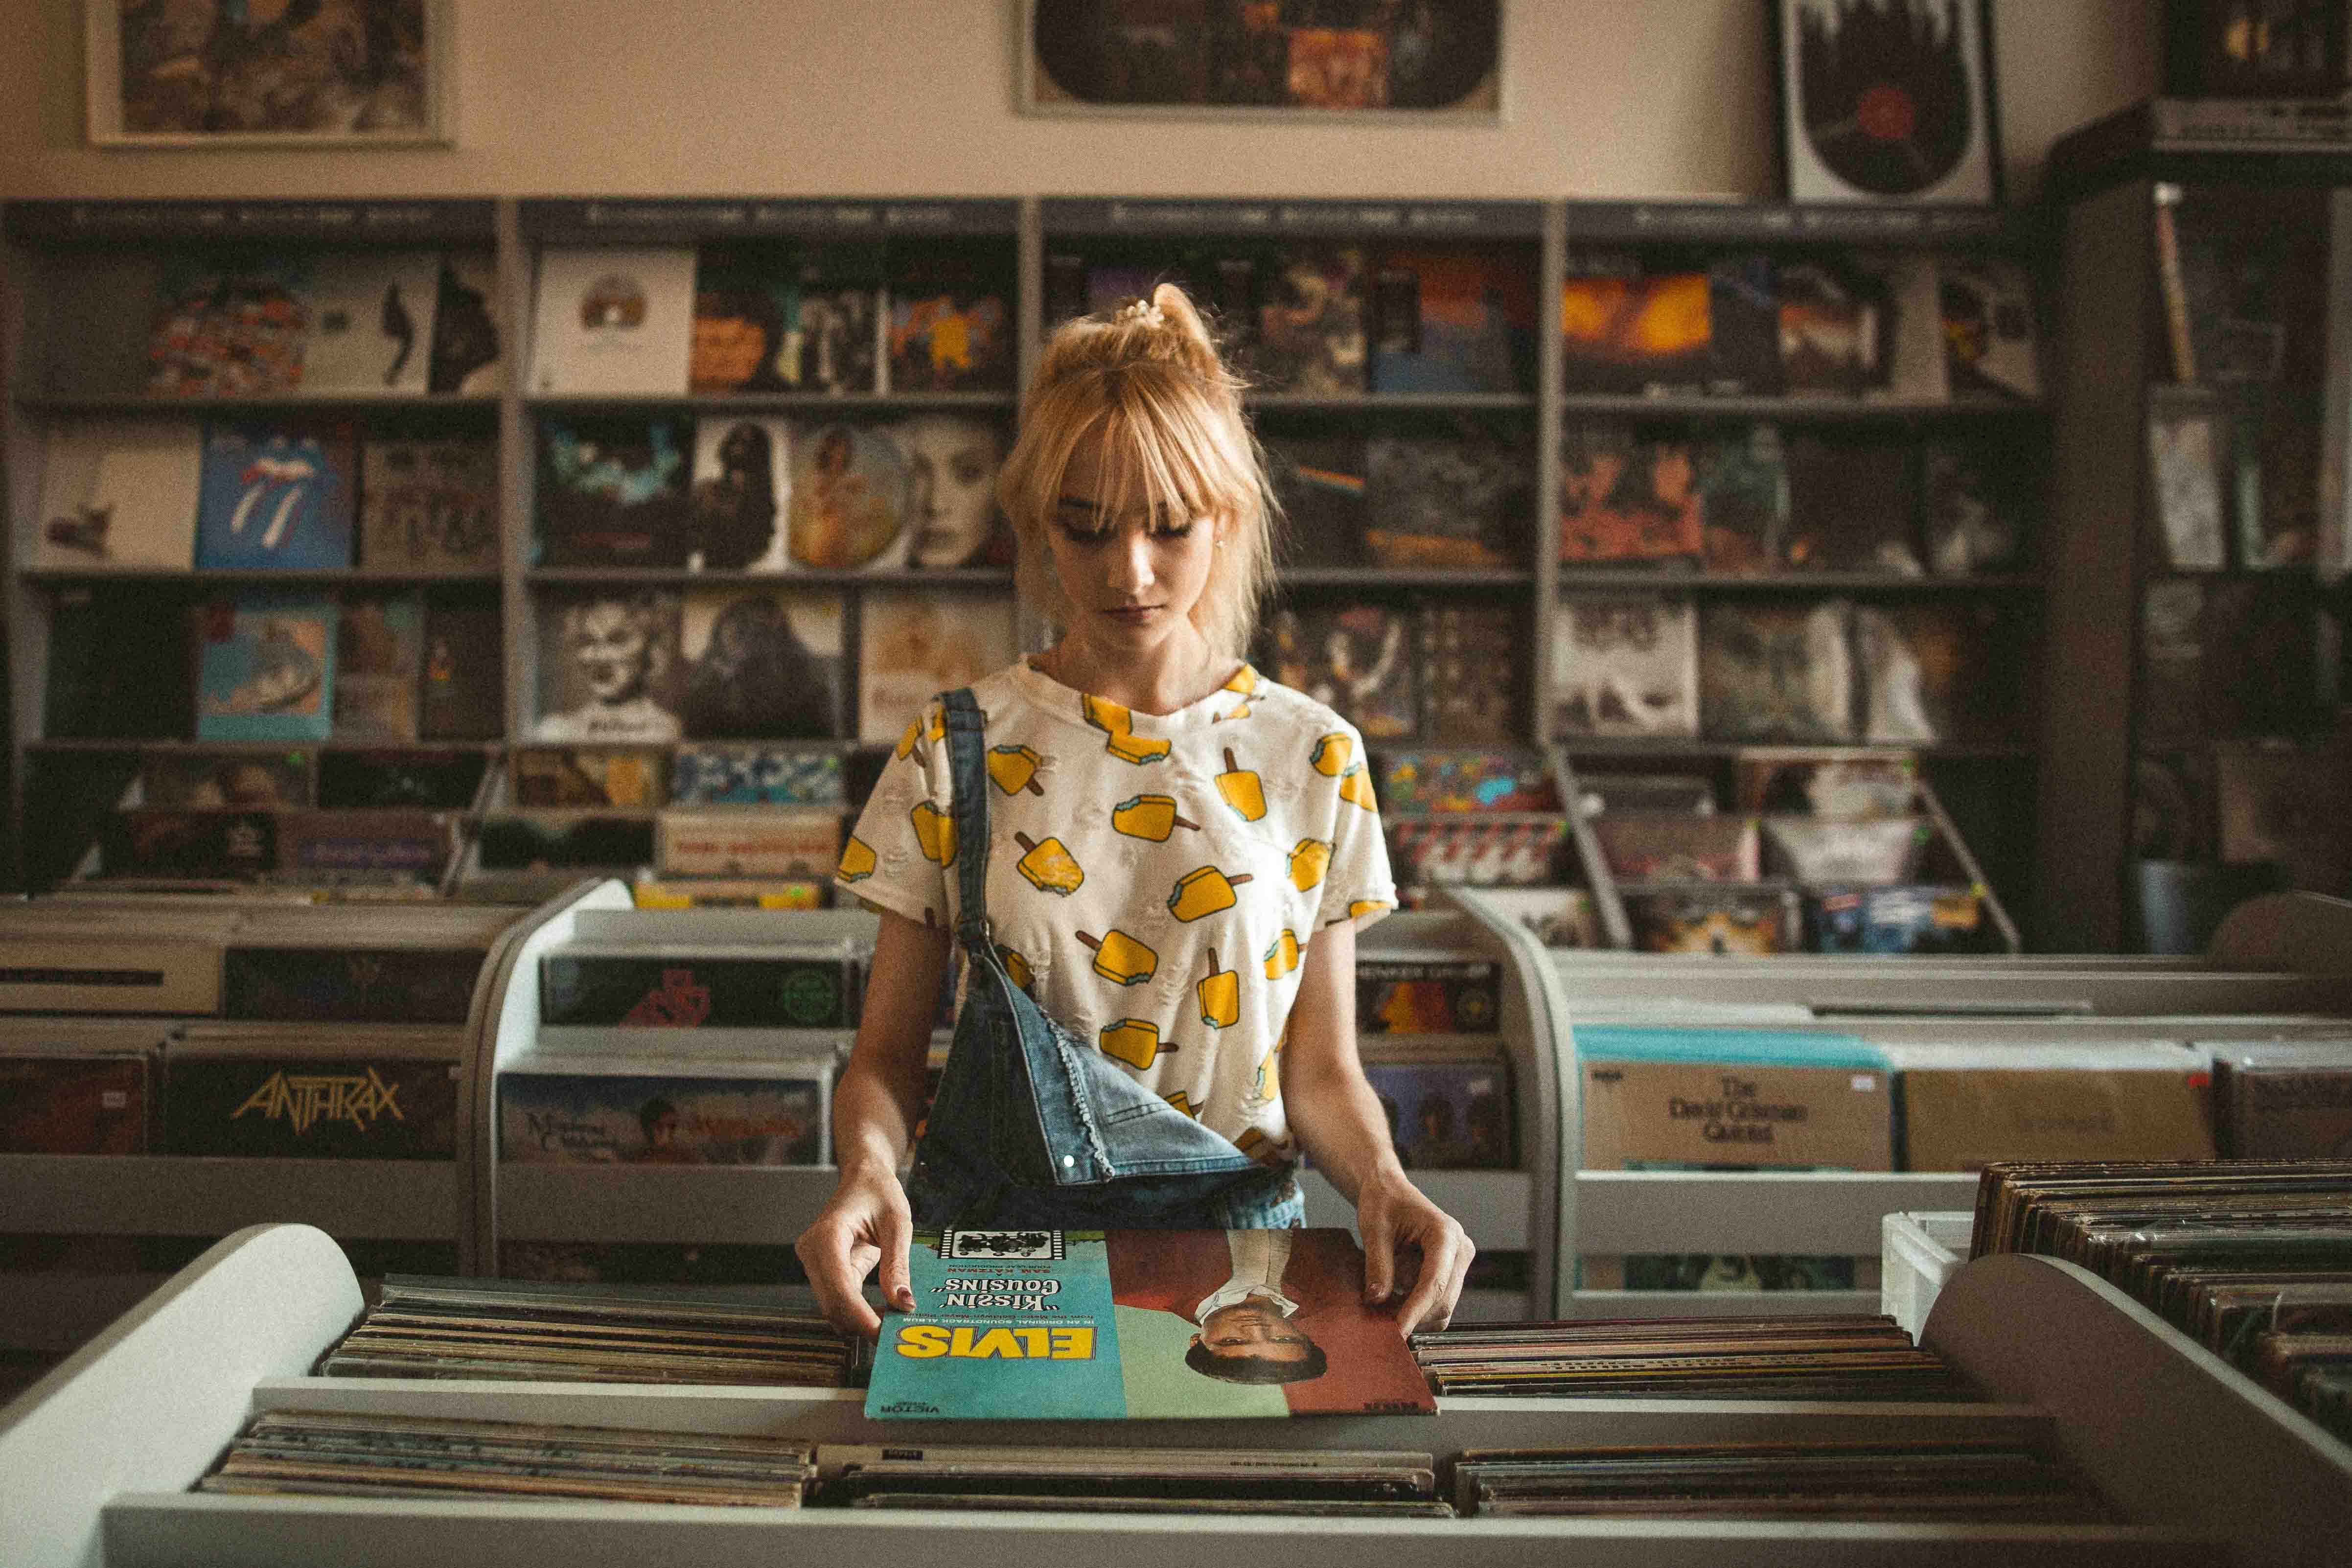 cô gái trong tiệm bán đĩa nhạc